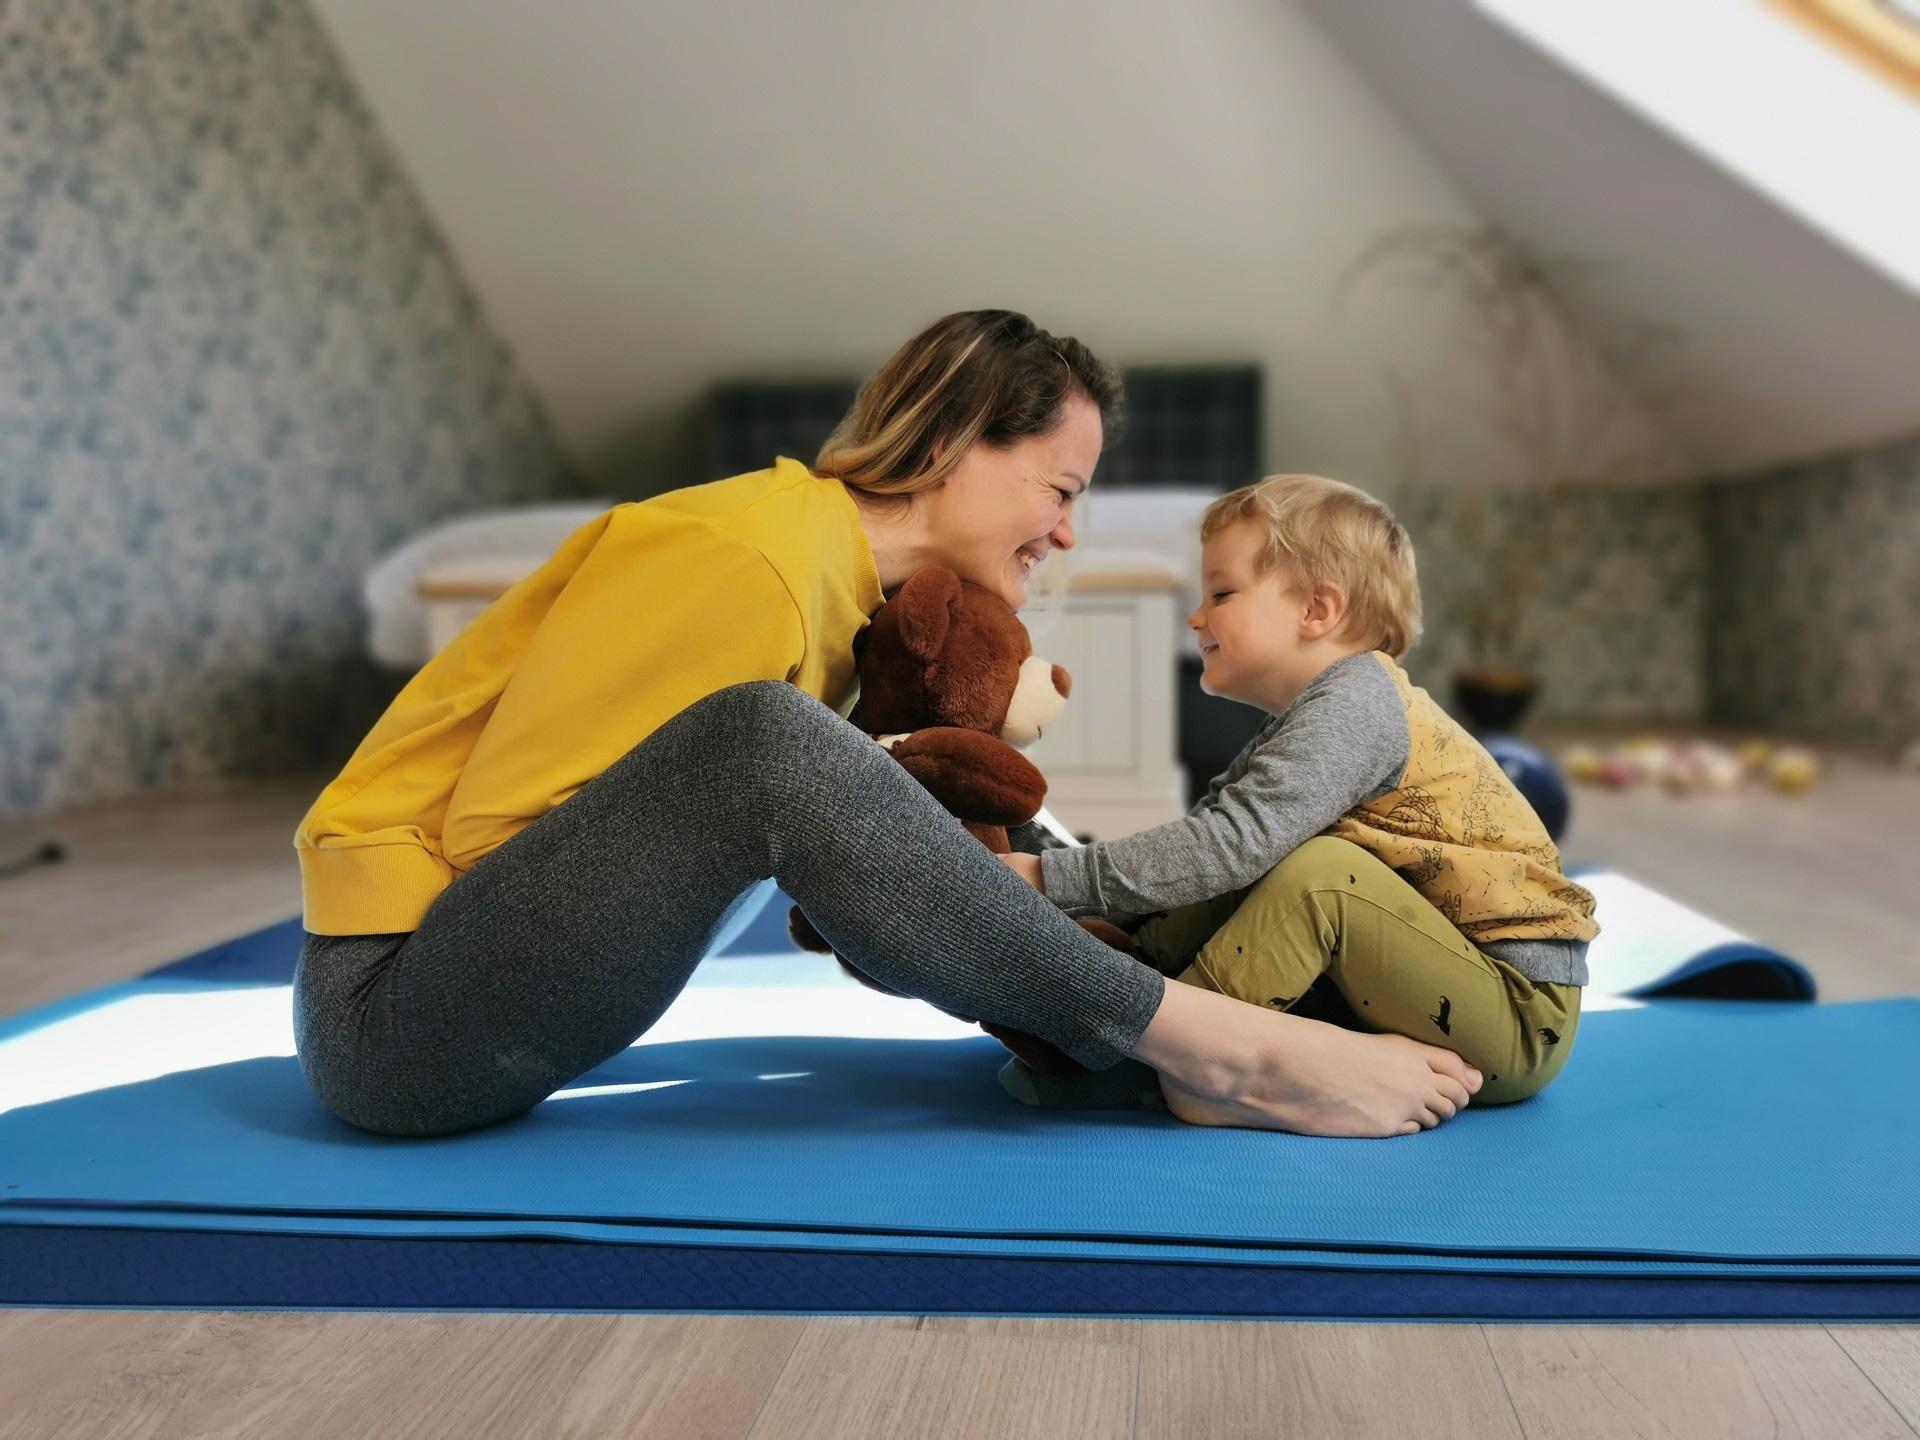 Treniruojantis namuose, kompaniją tėvams palaikyti tikrai mielai sutiks ir atžalos. Tik pakvieskite juos! Asmeninio archyvo nuotr.